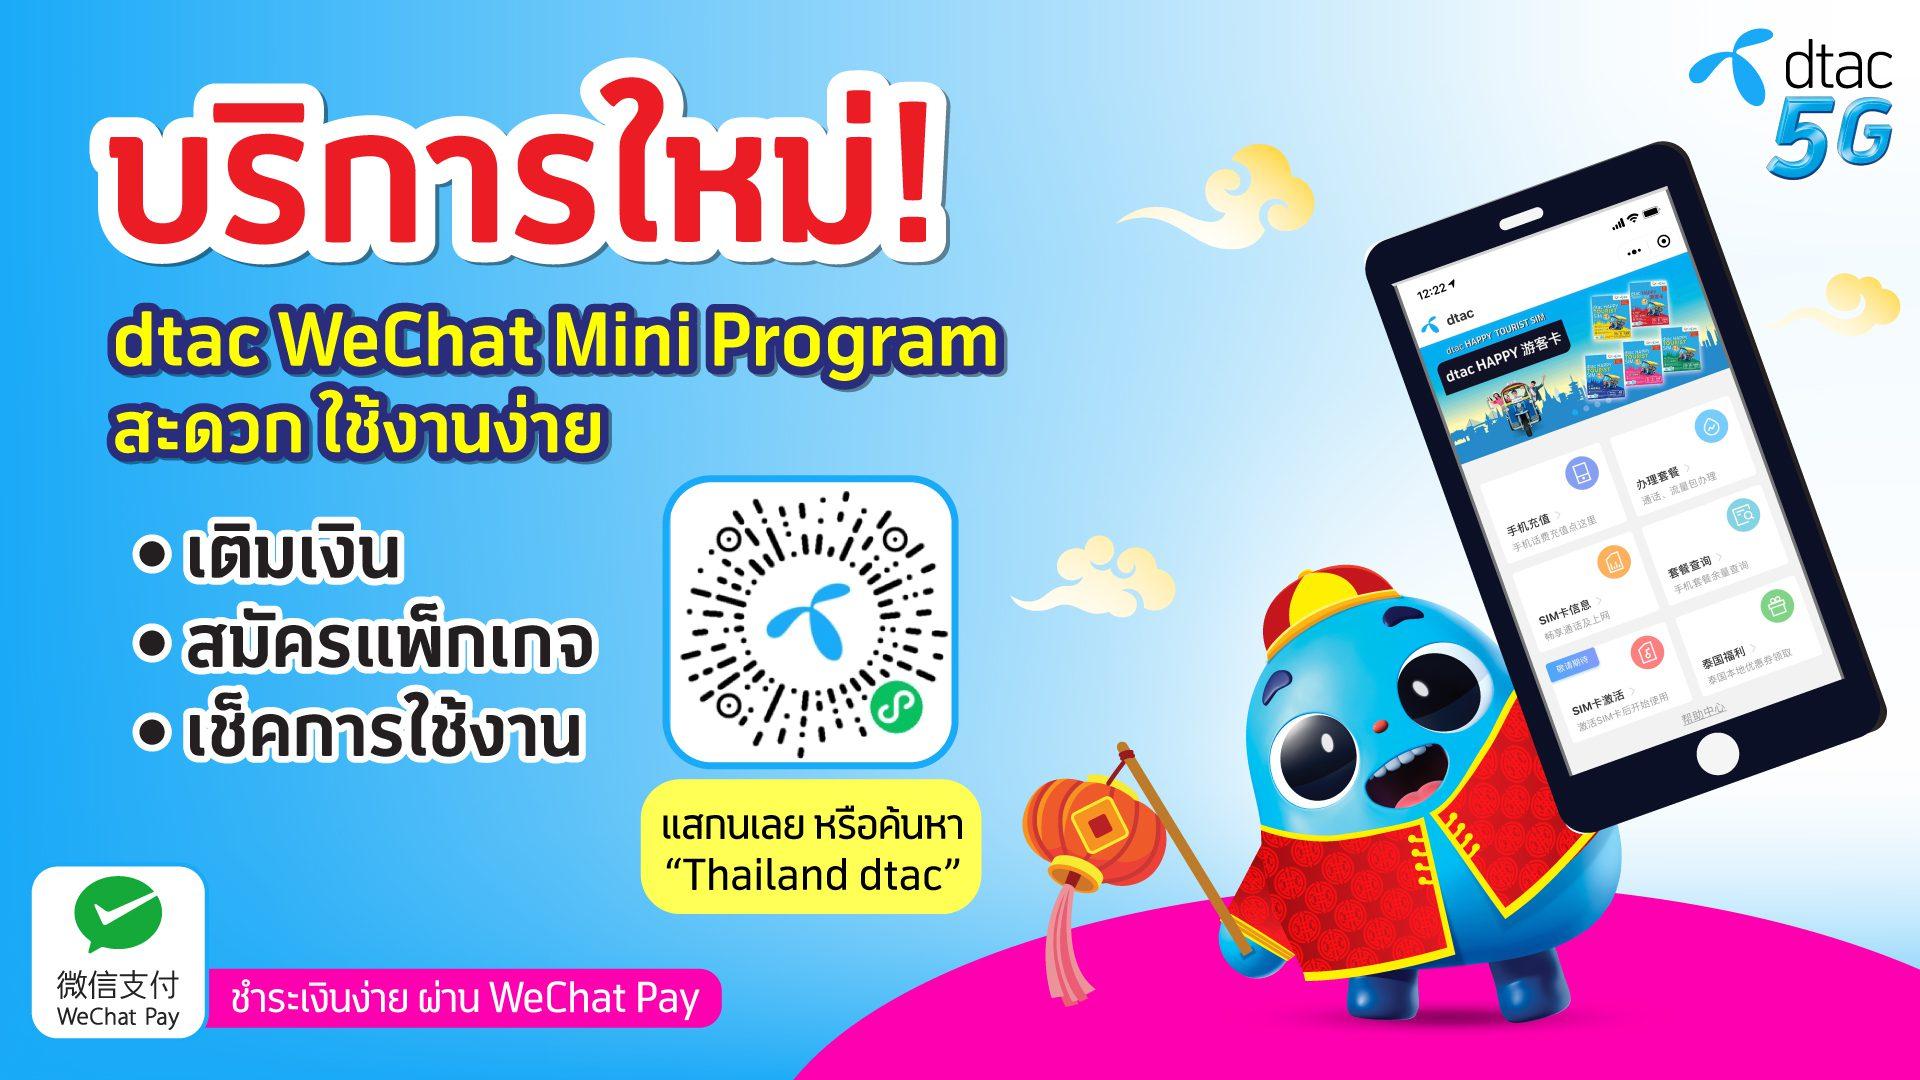 ดีแทคดูแลกลุ่มลูกค้าชาวจีนในช่วงการระบาดโควิด-19 แนะนำบริการใหม่ผ่านช่องทาง WeChat มินิโปรแกรม ที่เข้าถึงชาวจีนได้ทุกที่ ทุกเวลา รายแรกในไทย